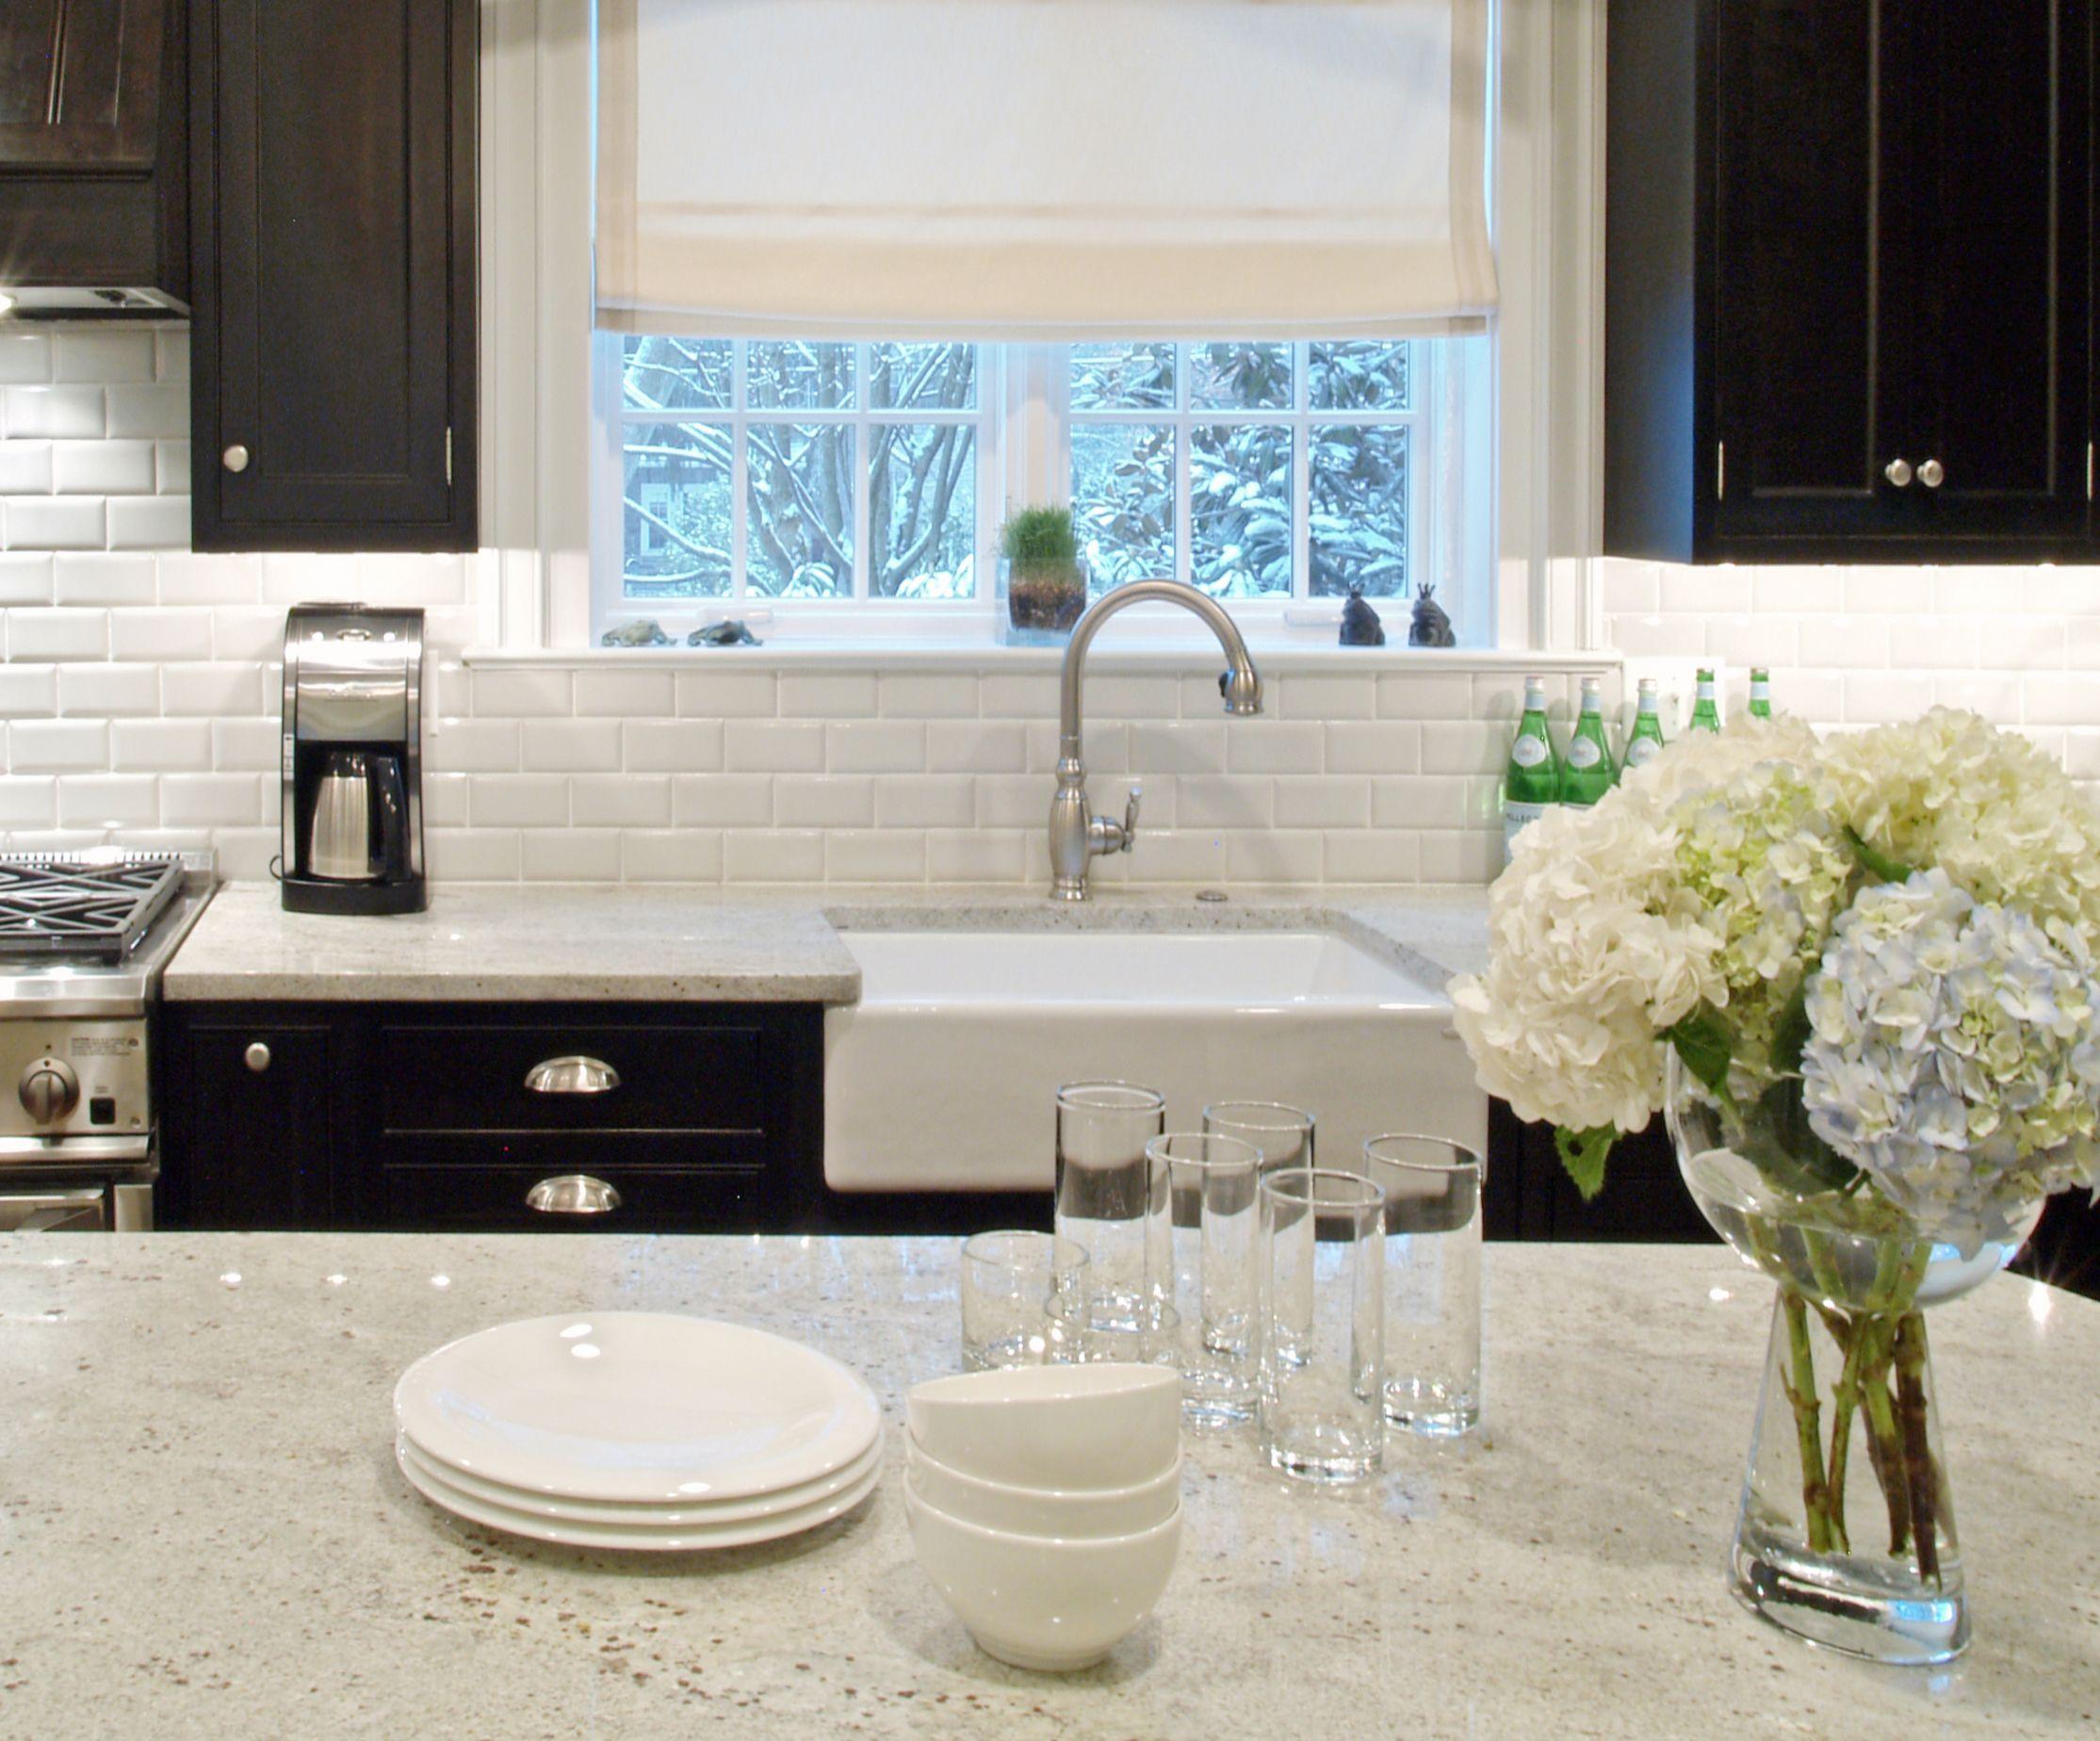 Top Picks For Countertops  White Granite Granite Countertop And Prepossessing Top Kitchen Design Software Design Decoration